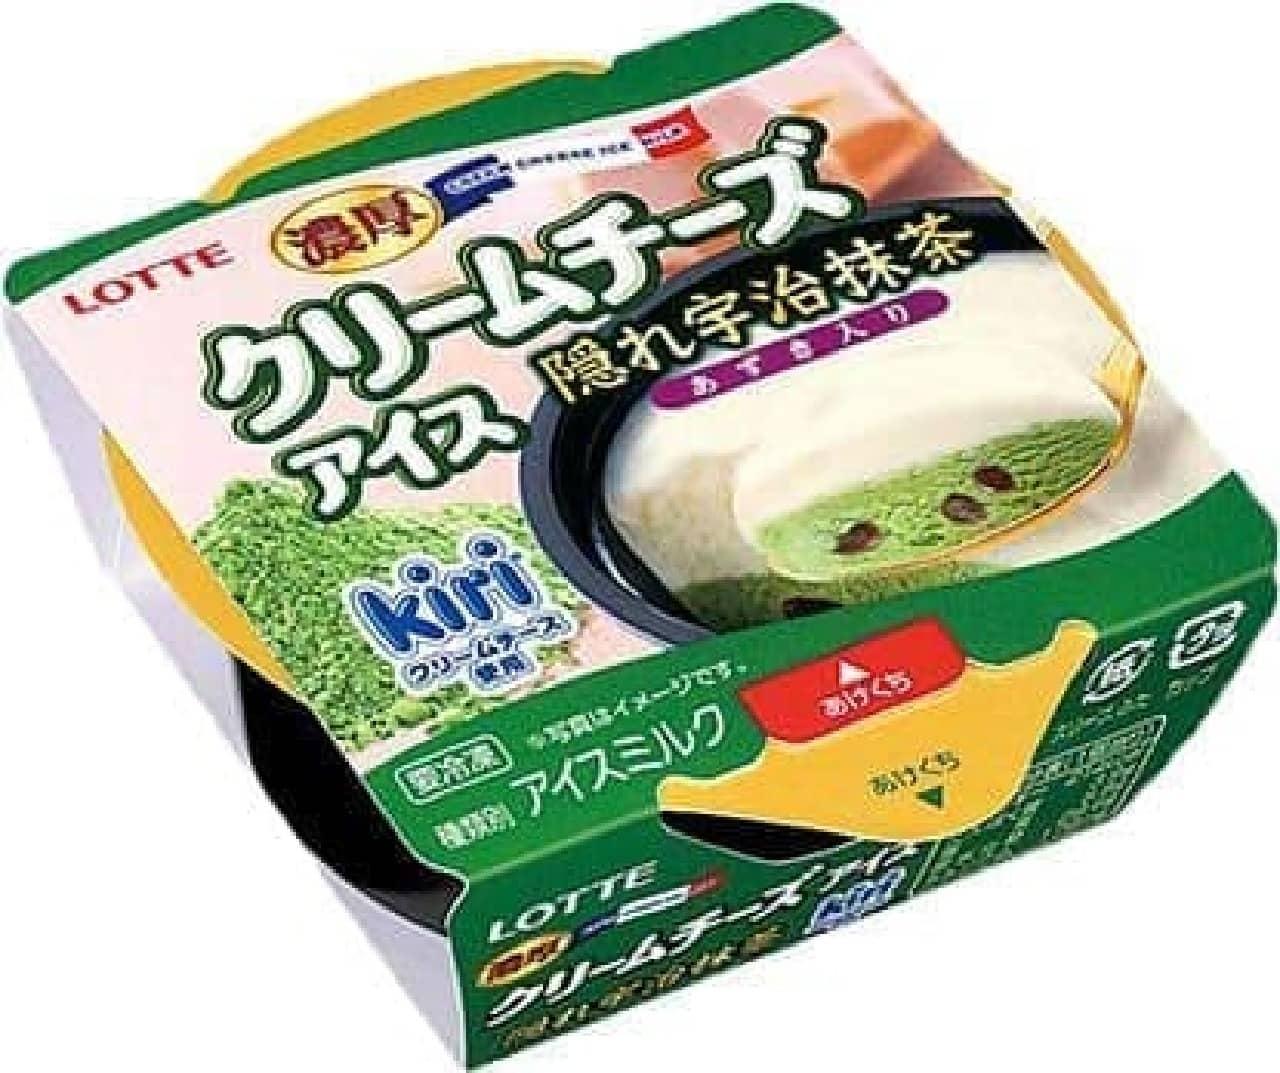 ローソン限定「濃厚クリームチーズアイス 隠れ宇治抹茶」